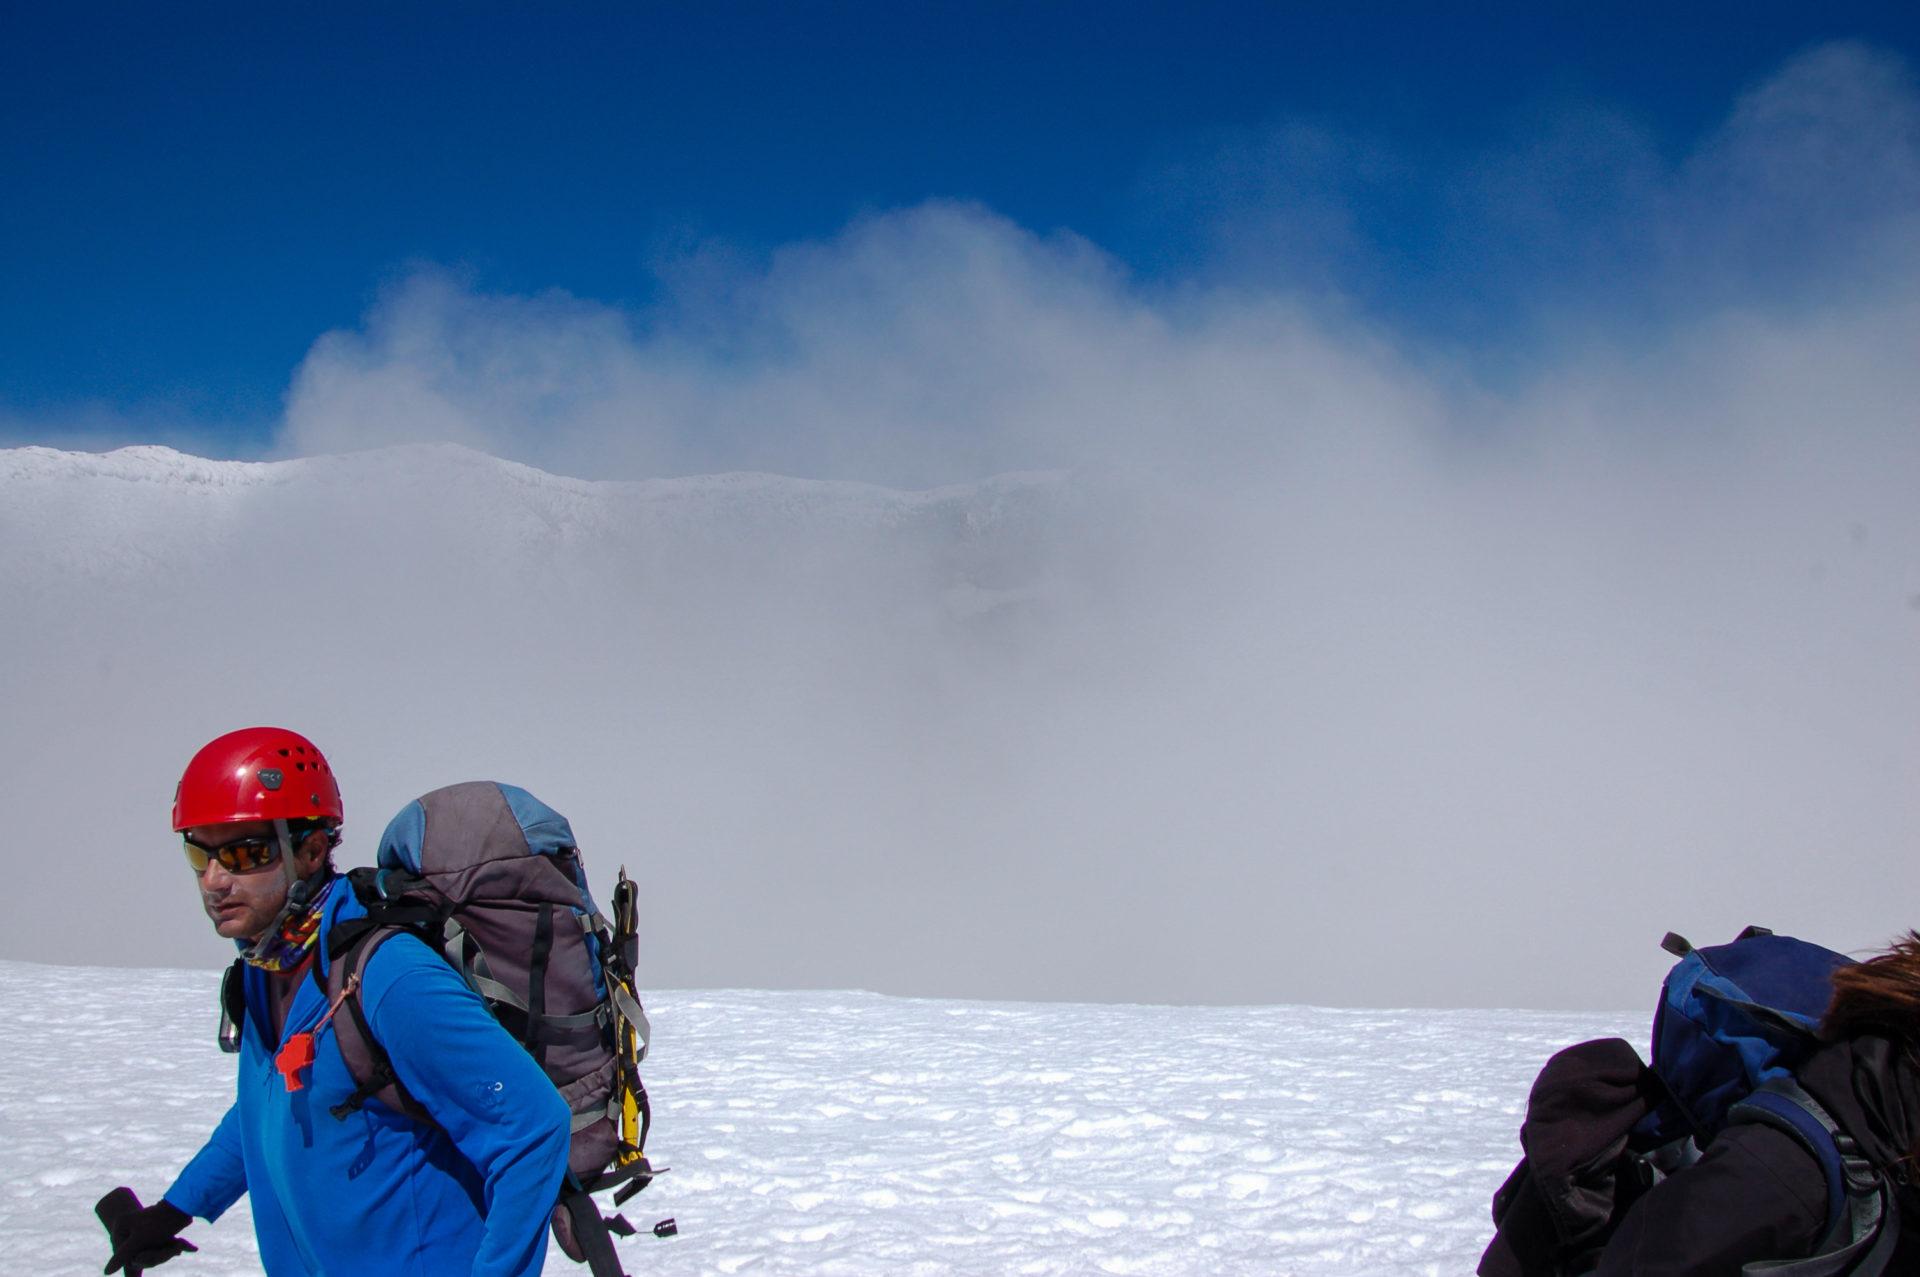 Gast an der Öffnung des Vulkans Villarrica in Patagonien